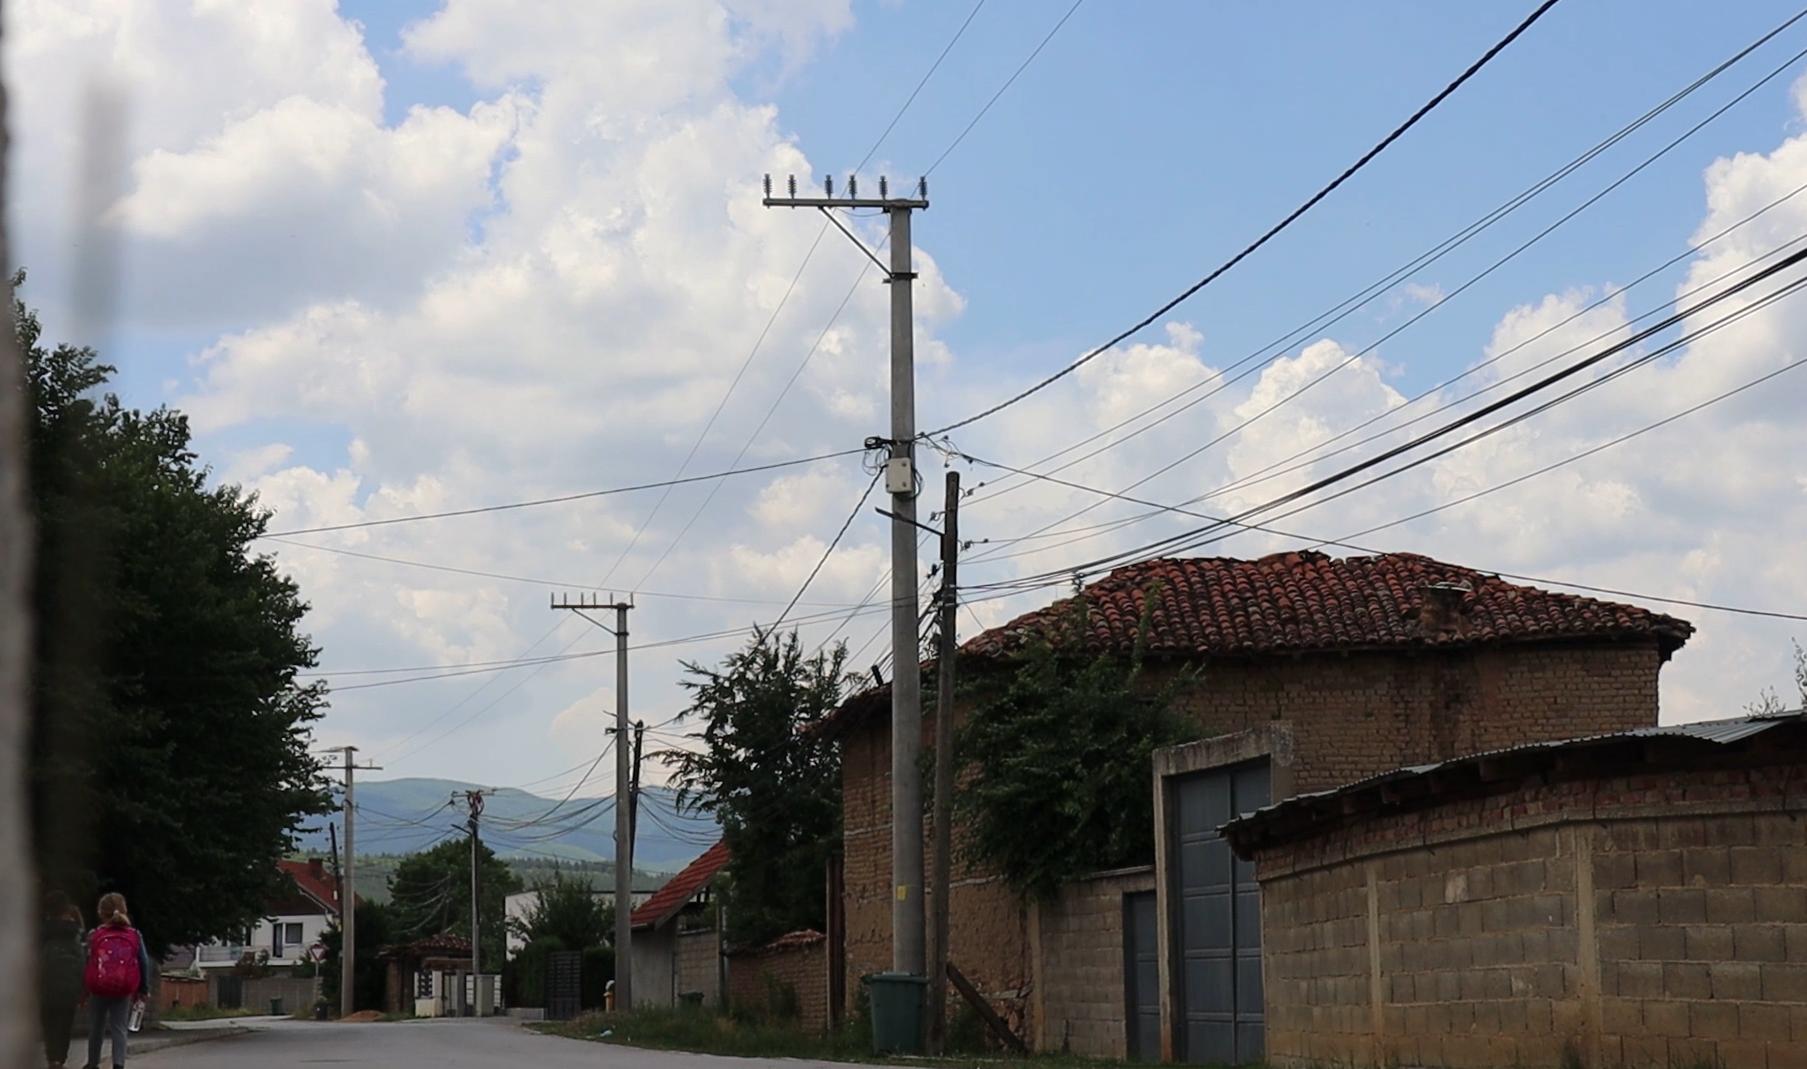 Koshare Ferizaj KEDS1 - Kosharja e Ferizajt po bëhet me rrjet elektrik komplet të ri